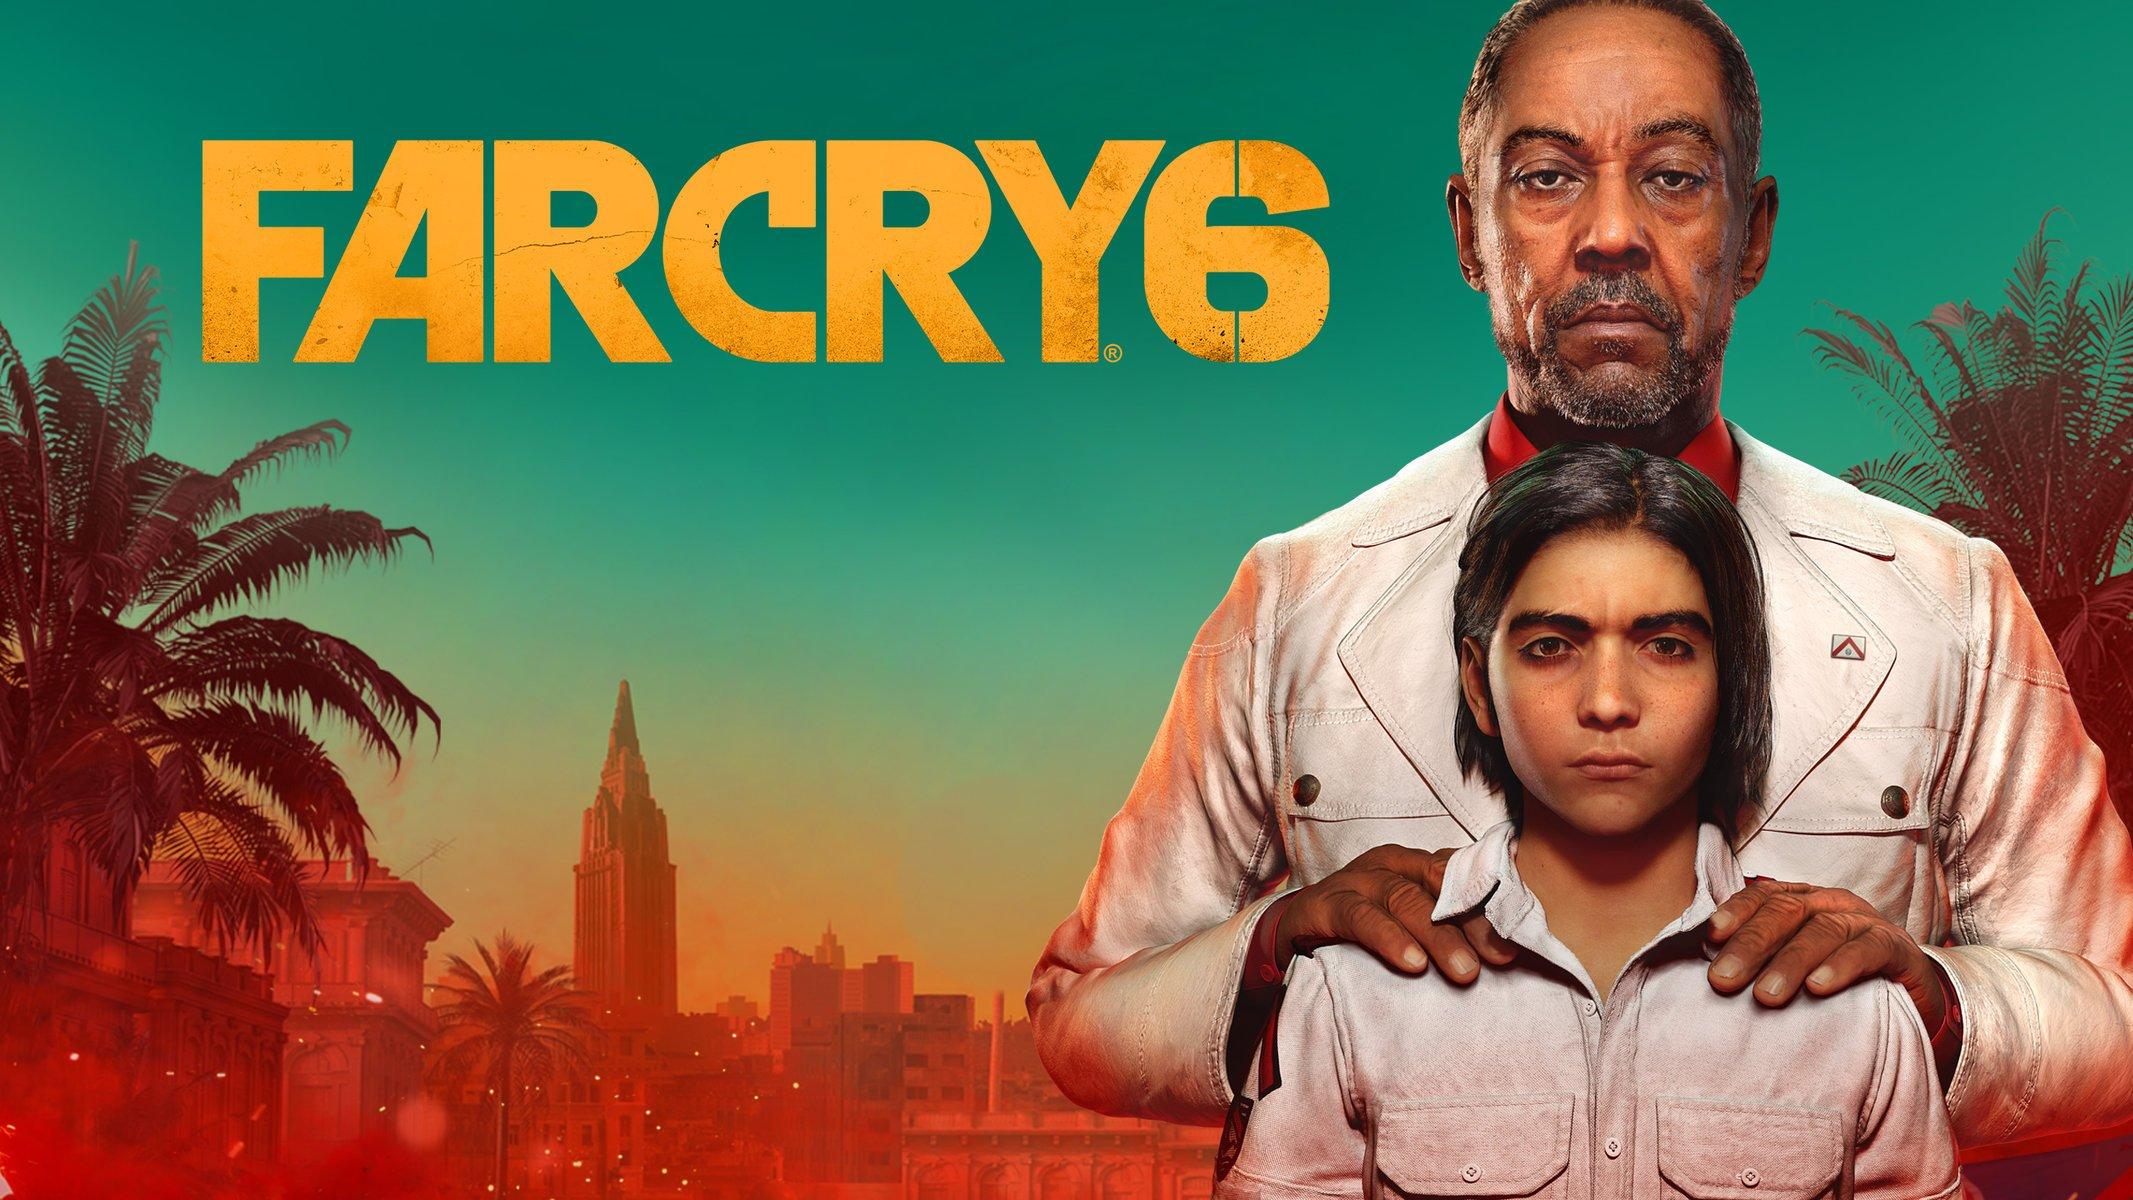 Dlcs de far cry 6 terão rambo, stranger things e o ator danny trejo. Com um vídeo no youtube, a ubisoft anunciou quais serão as principais dlcs de far cry 6.